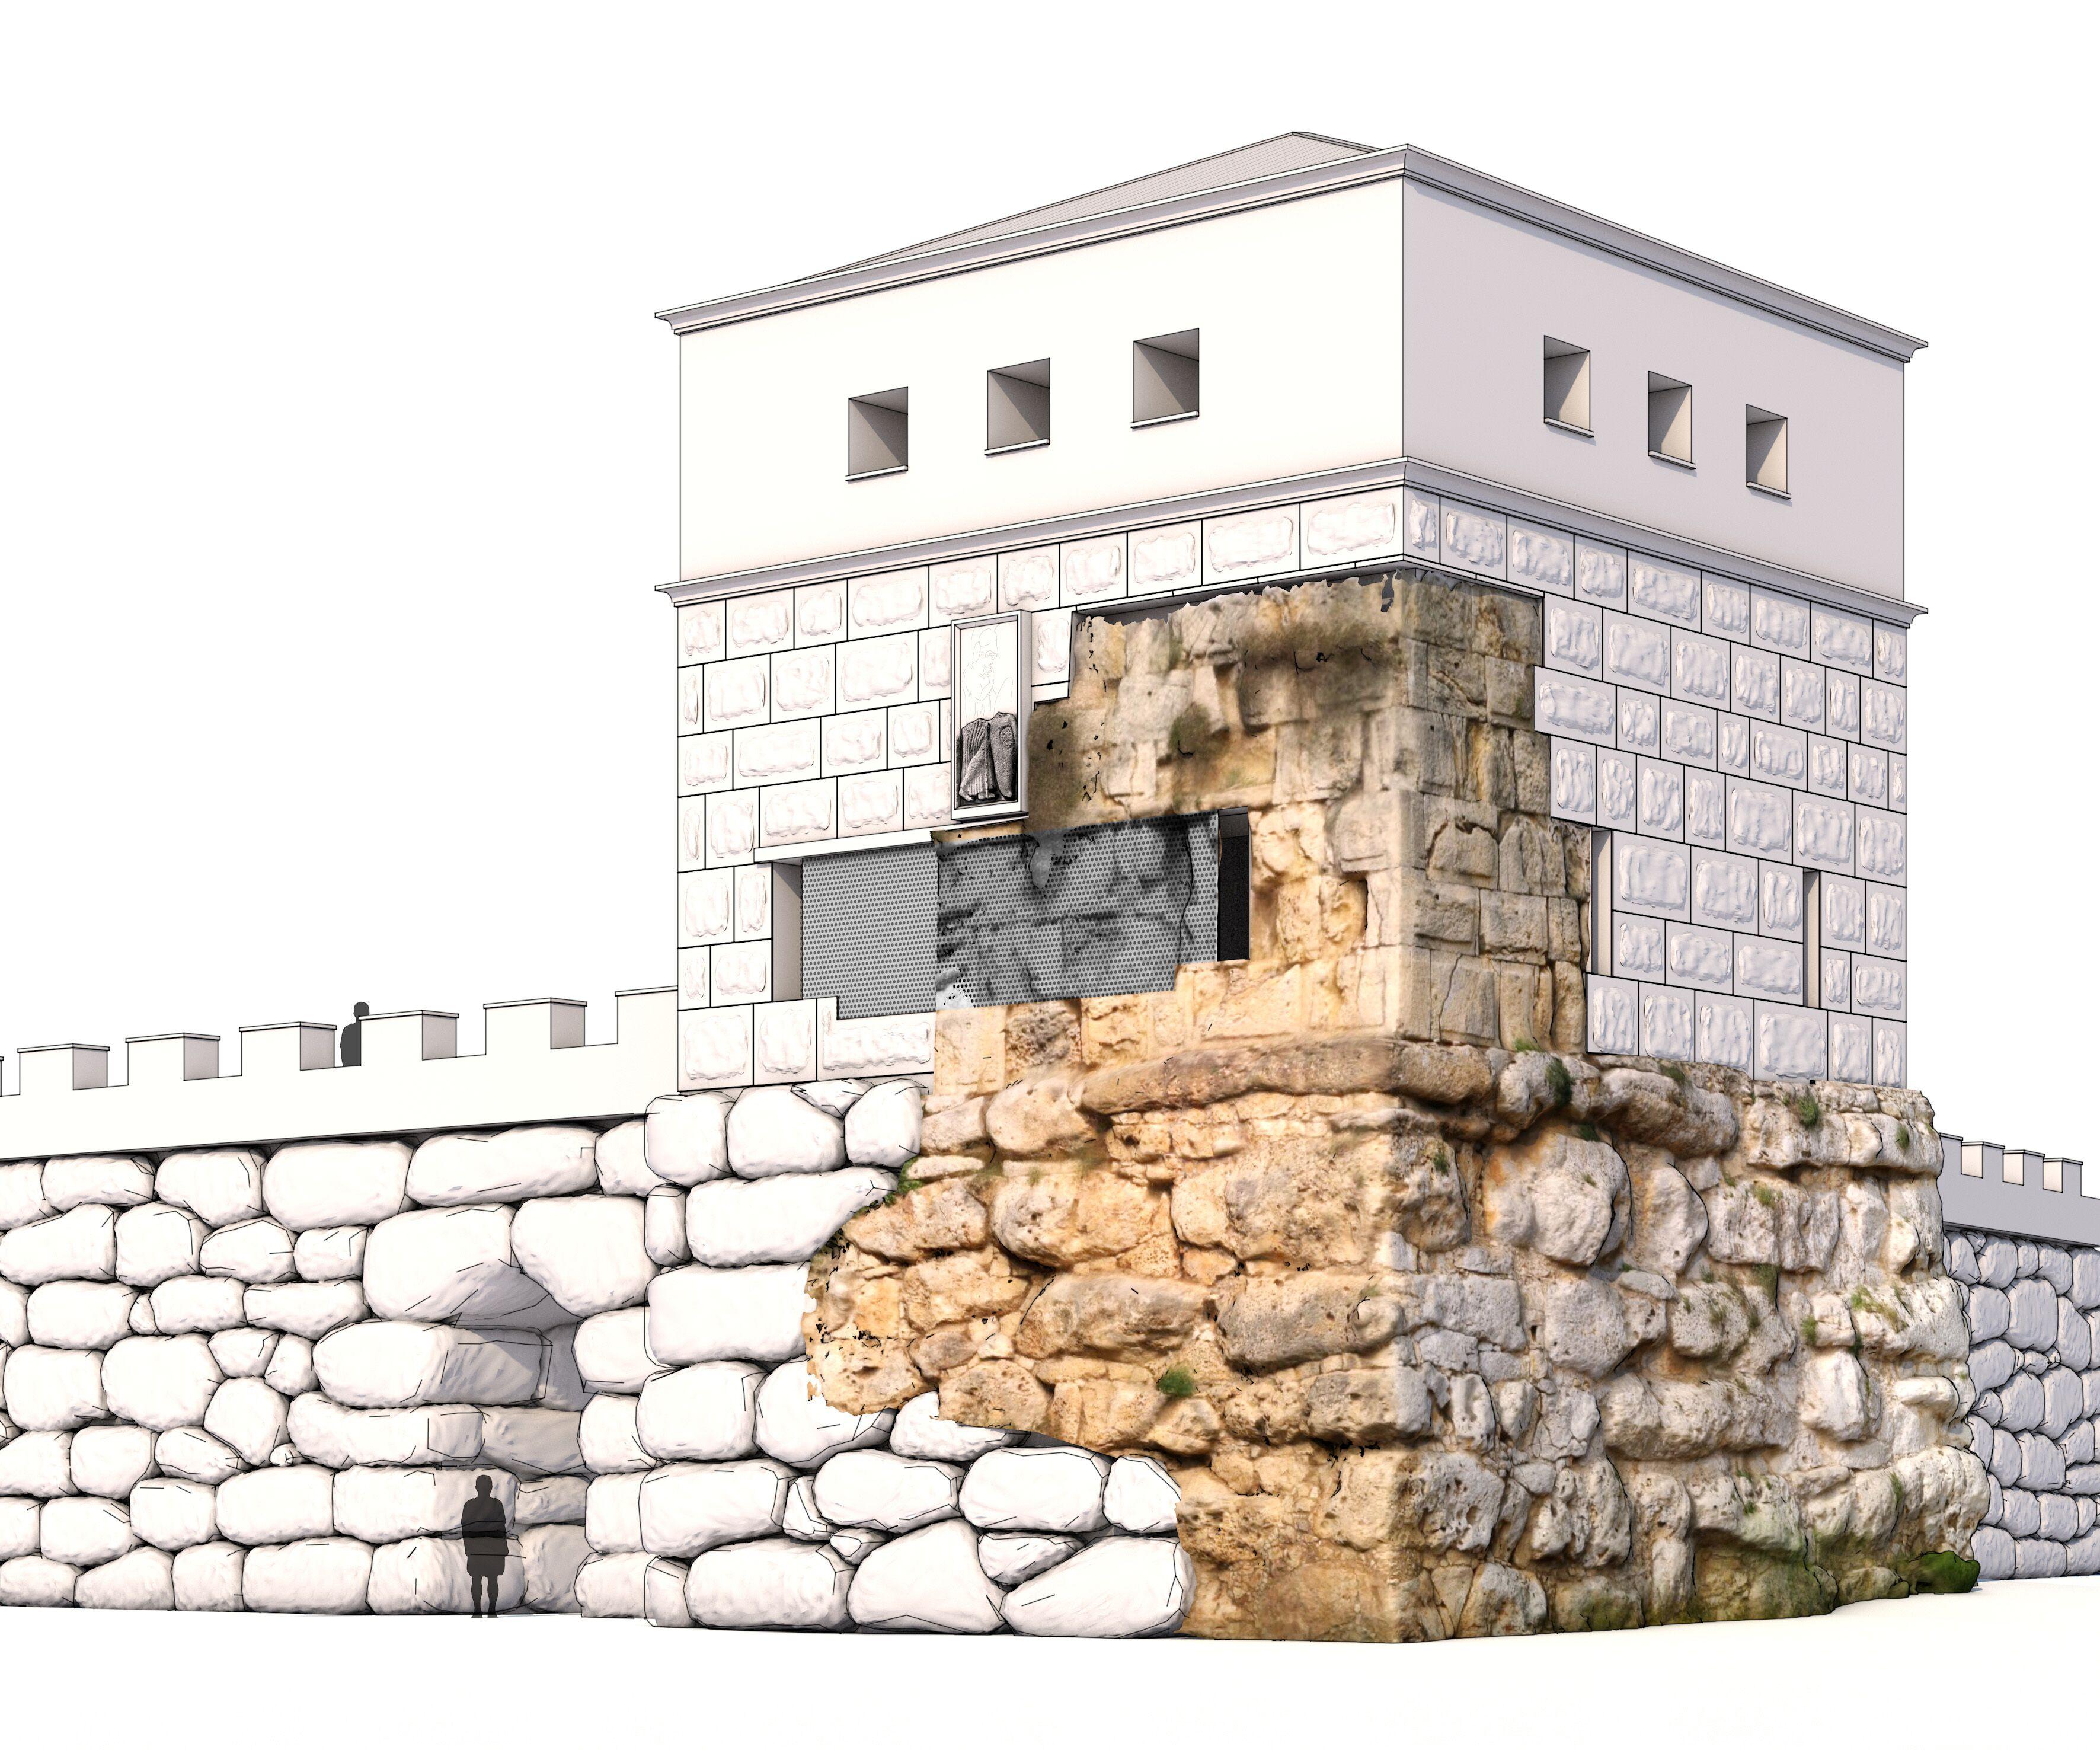 Restitució ortofotogràfica de la Torre de Minerva de la muralla romana per mostrar com era el seu aspecte original.